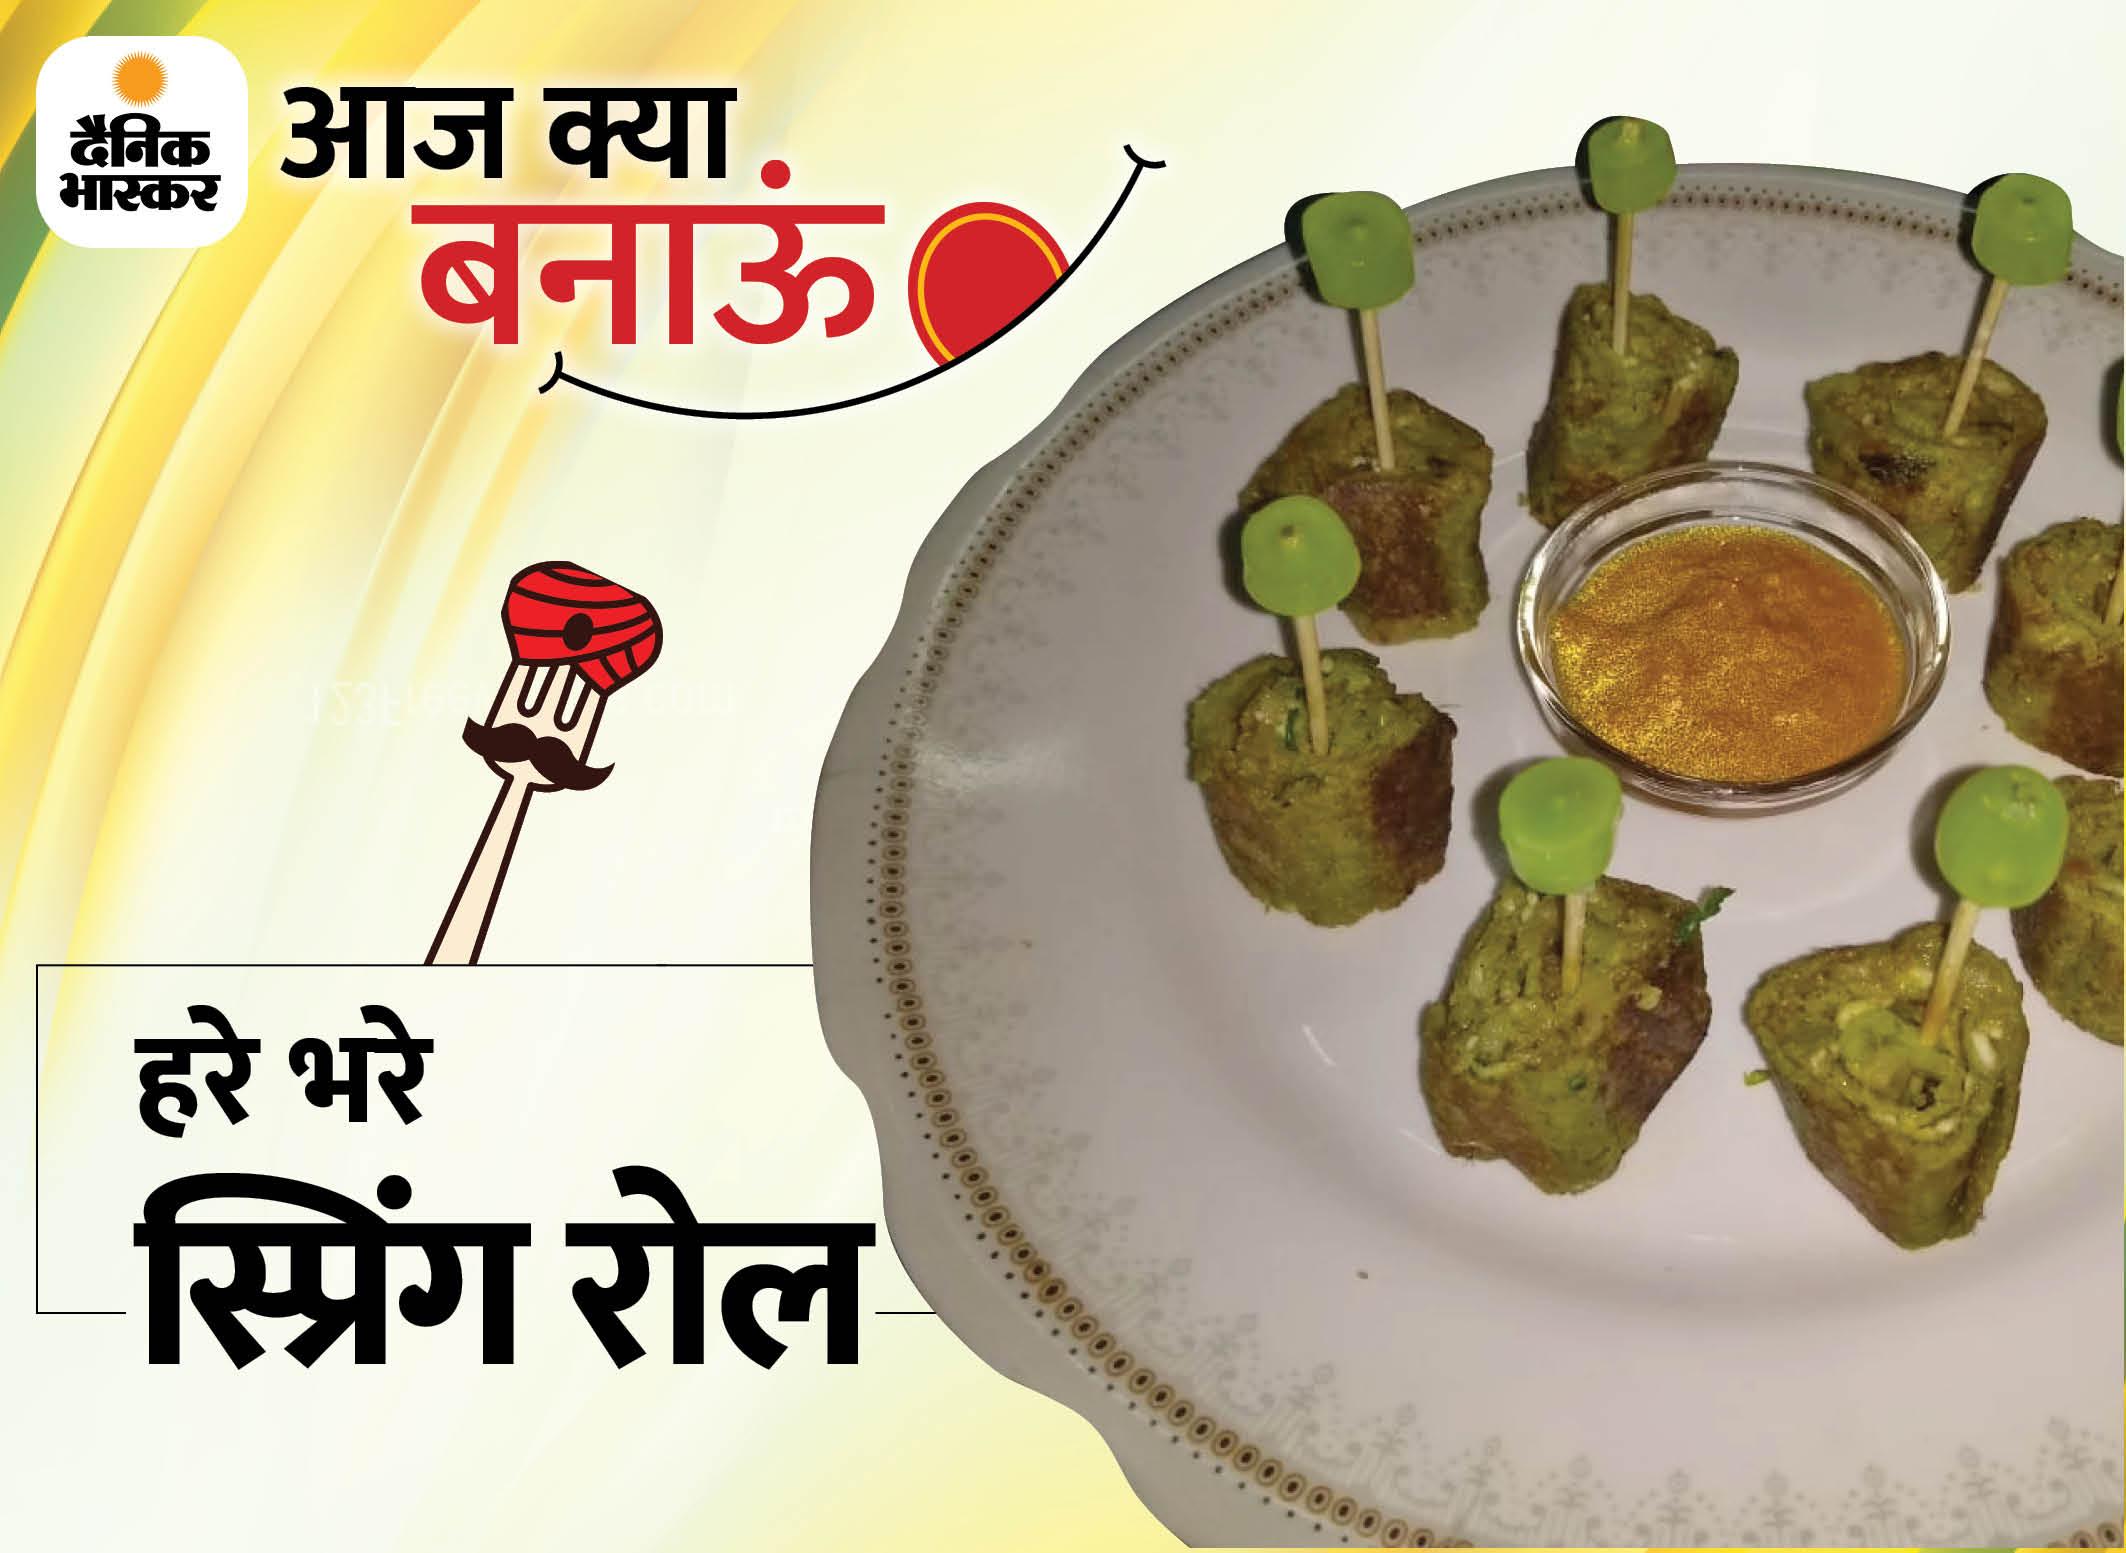 संडे के नाश्ते में ट्राय करें हरे-भरे स्प्रिंग रोल, इसे बनाकर तीन-चार दिन तक फ्रिज में रख सकते हैं|लाइफस्टाइल,Lifestyle - Dainik Bhaskar